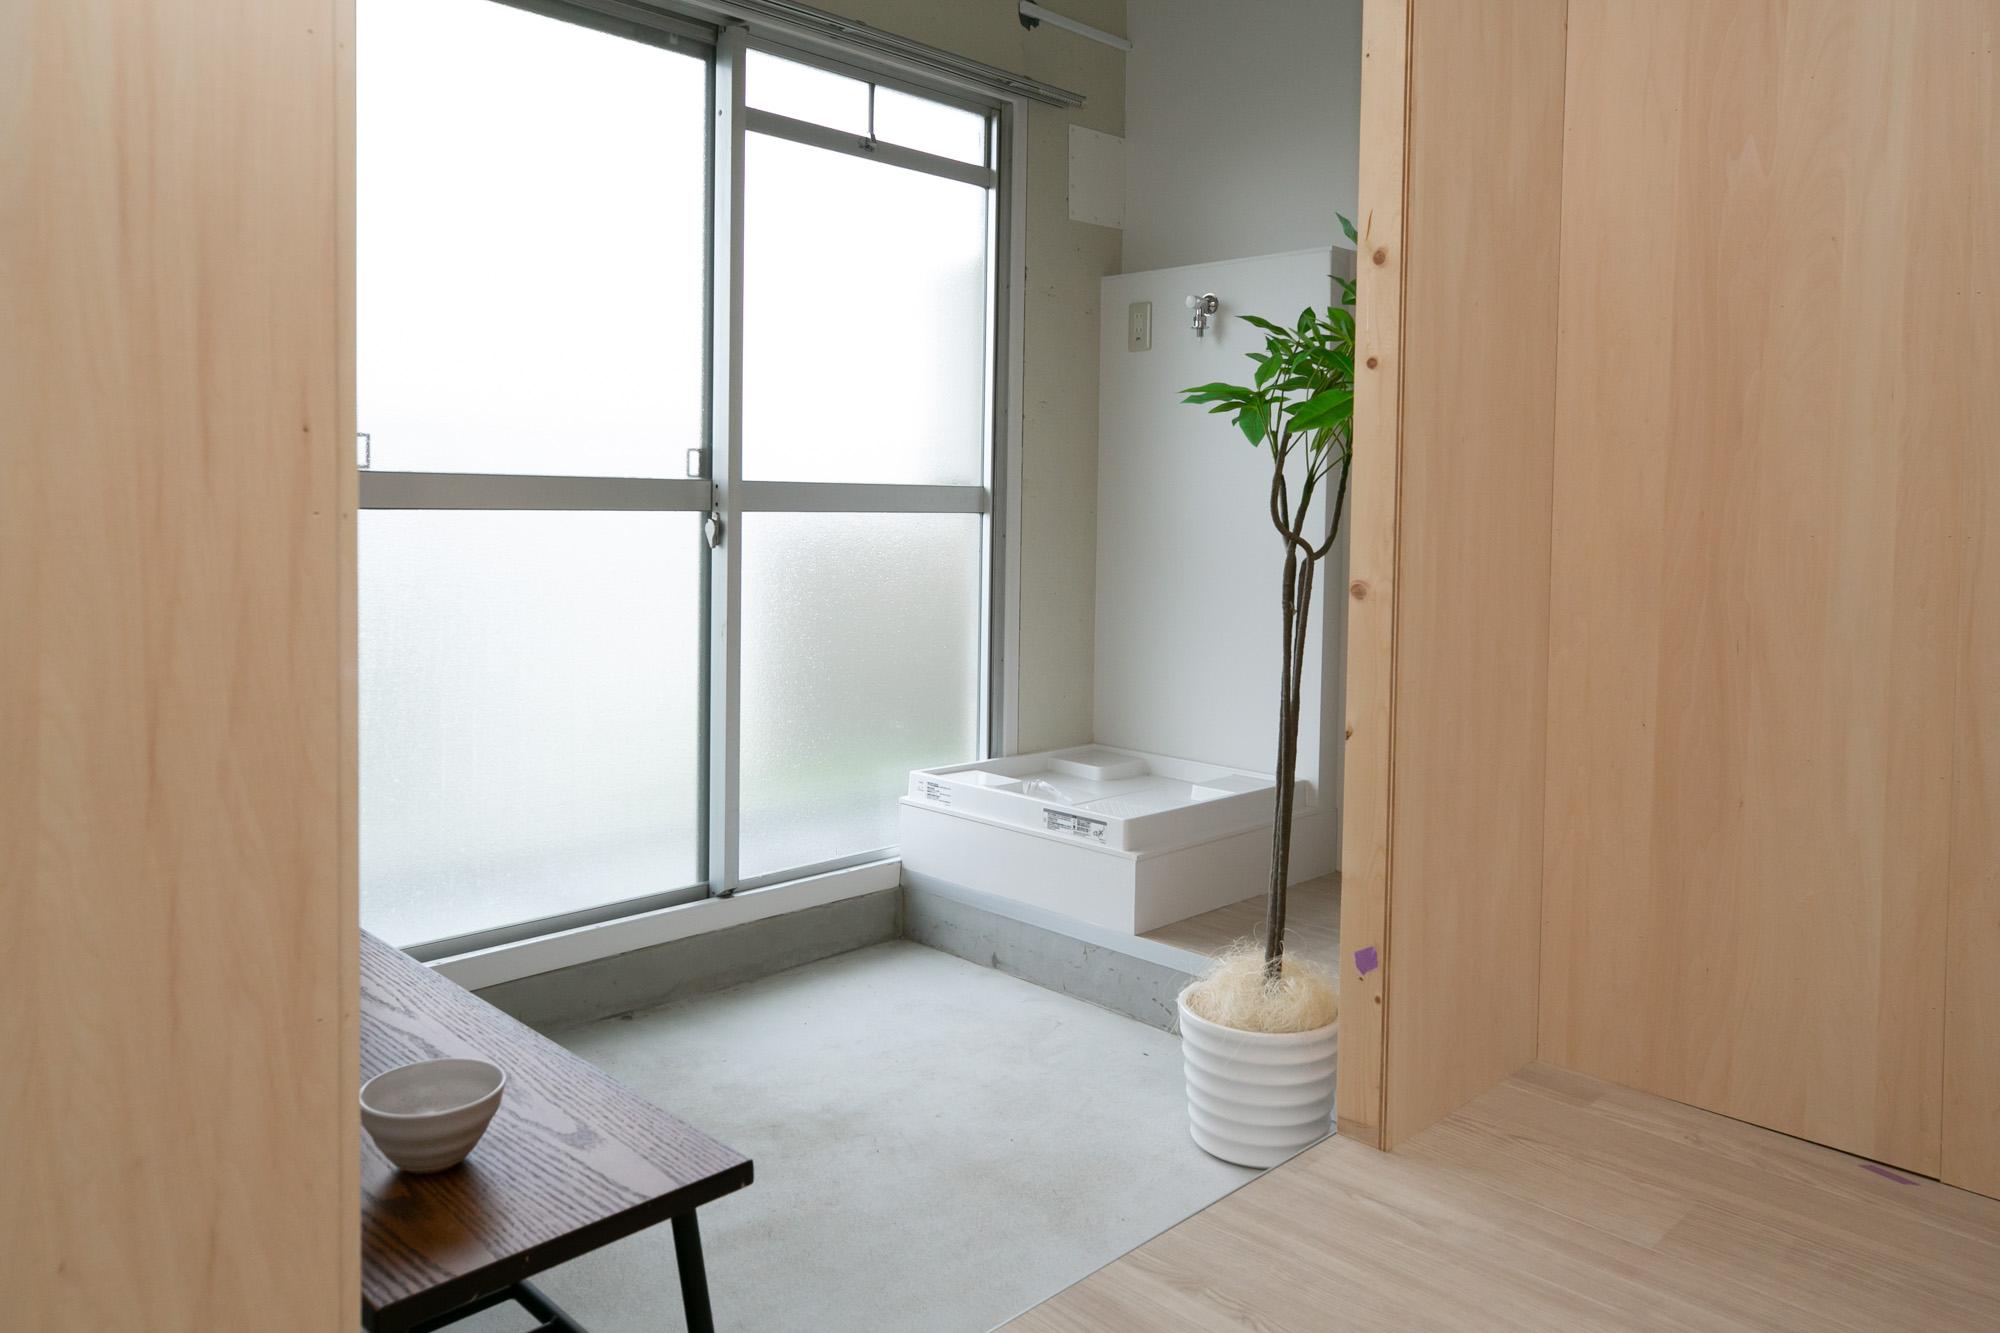 バルコニー側には、部屋干しのスペースがとられていました。洗濯物は室内に干して、バルコニーは自由に使えるようにと考えられています。